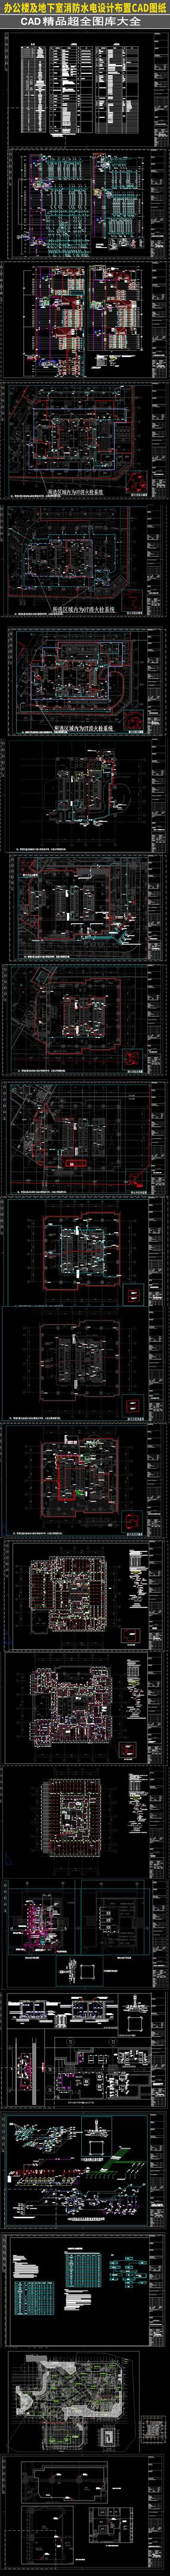 办公楼及地下室消防水电设计布置图纸 dwg